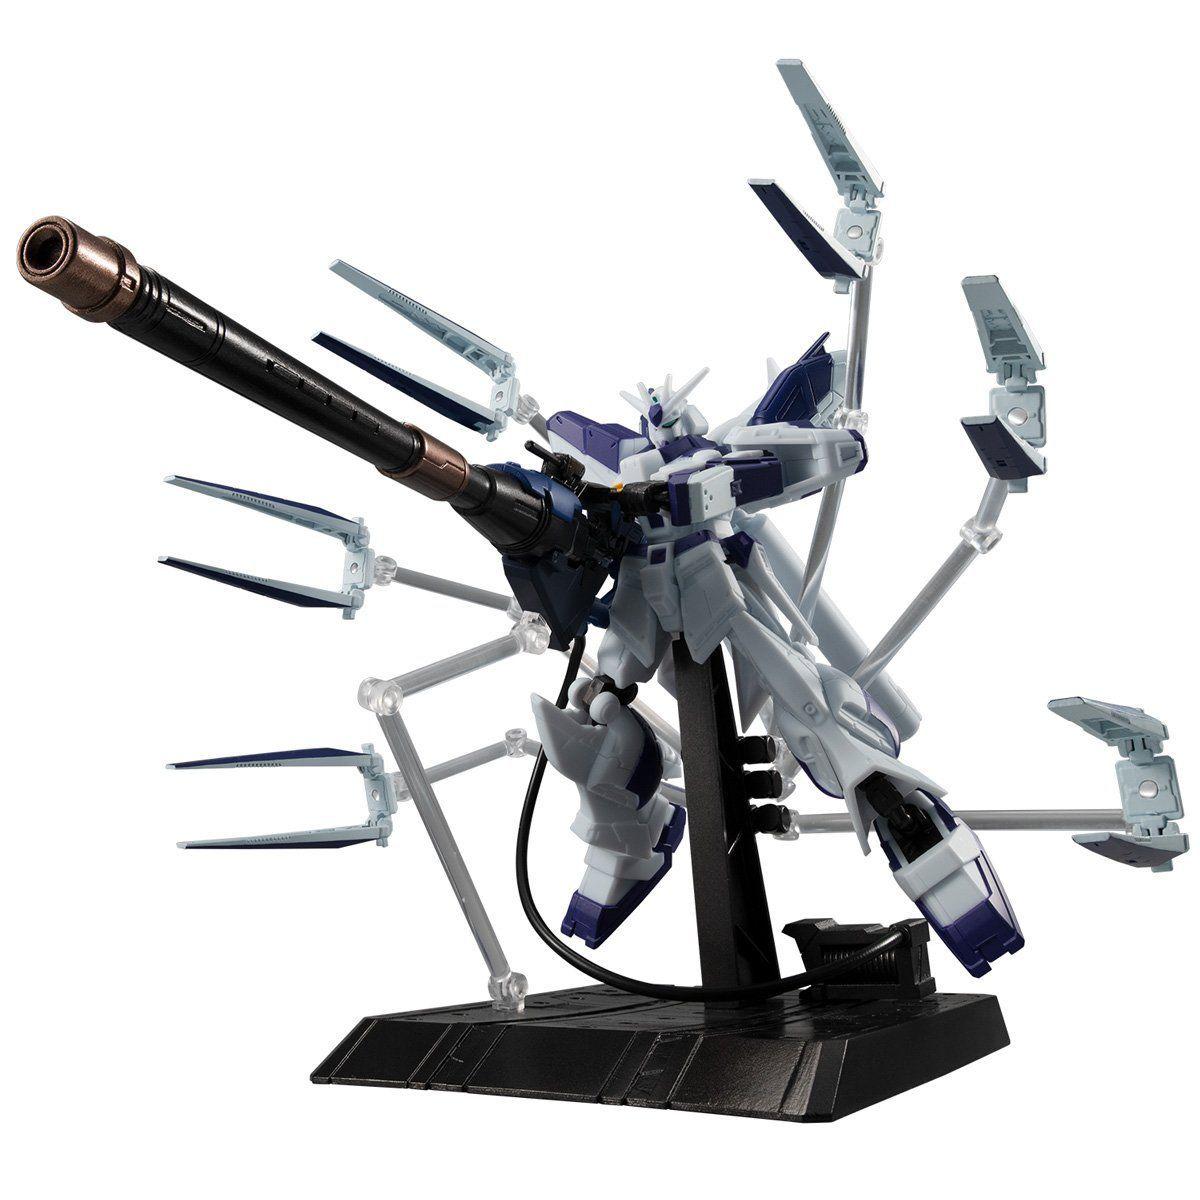 【限定販売】【食玩】機動戦士ガンダム『Gフレーム Hi-νガンダム オプションパーツセット』-001